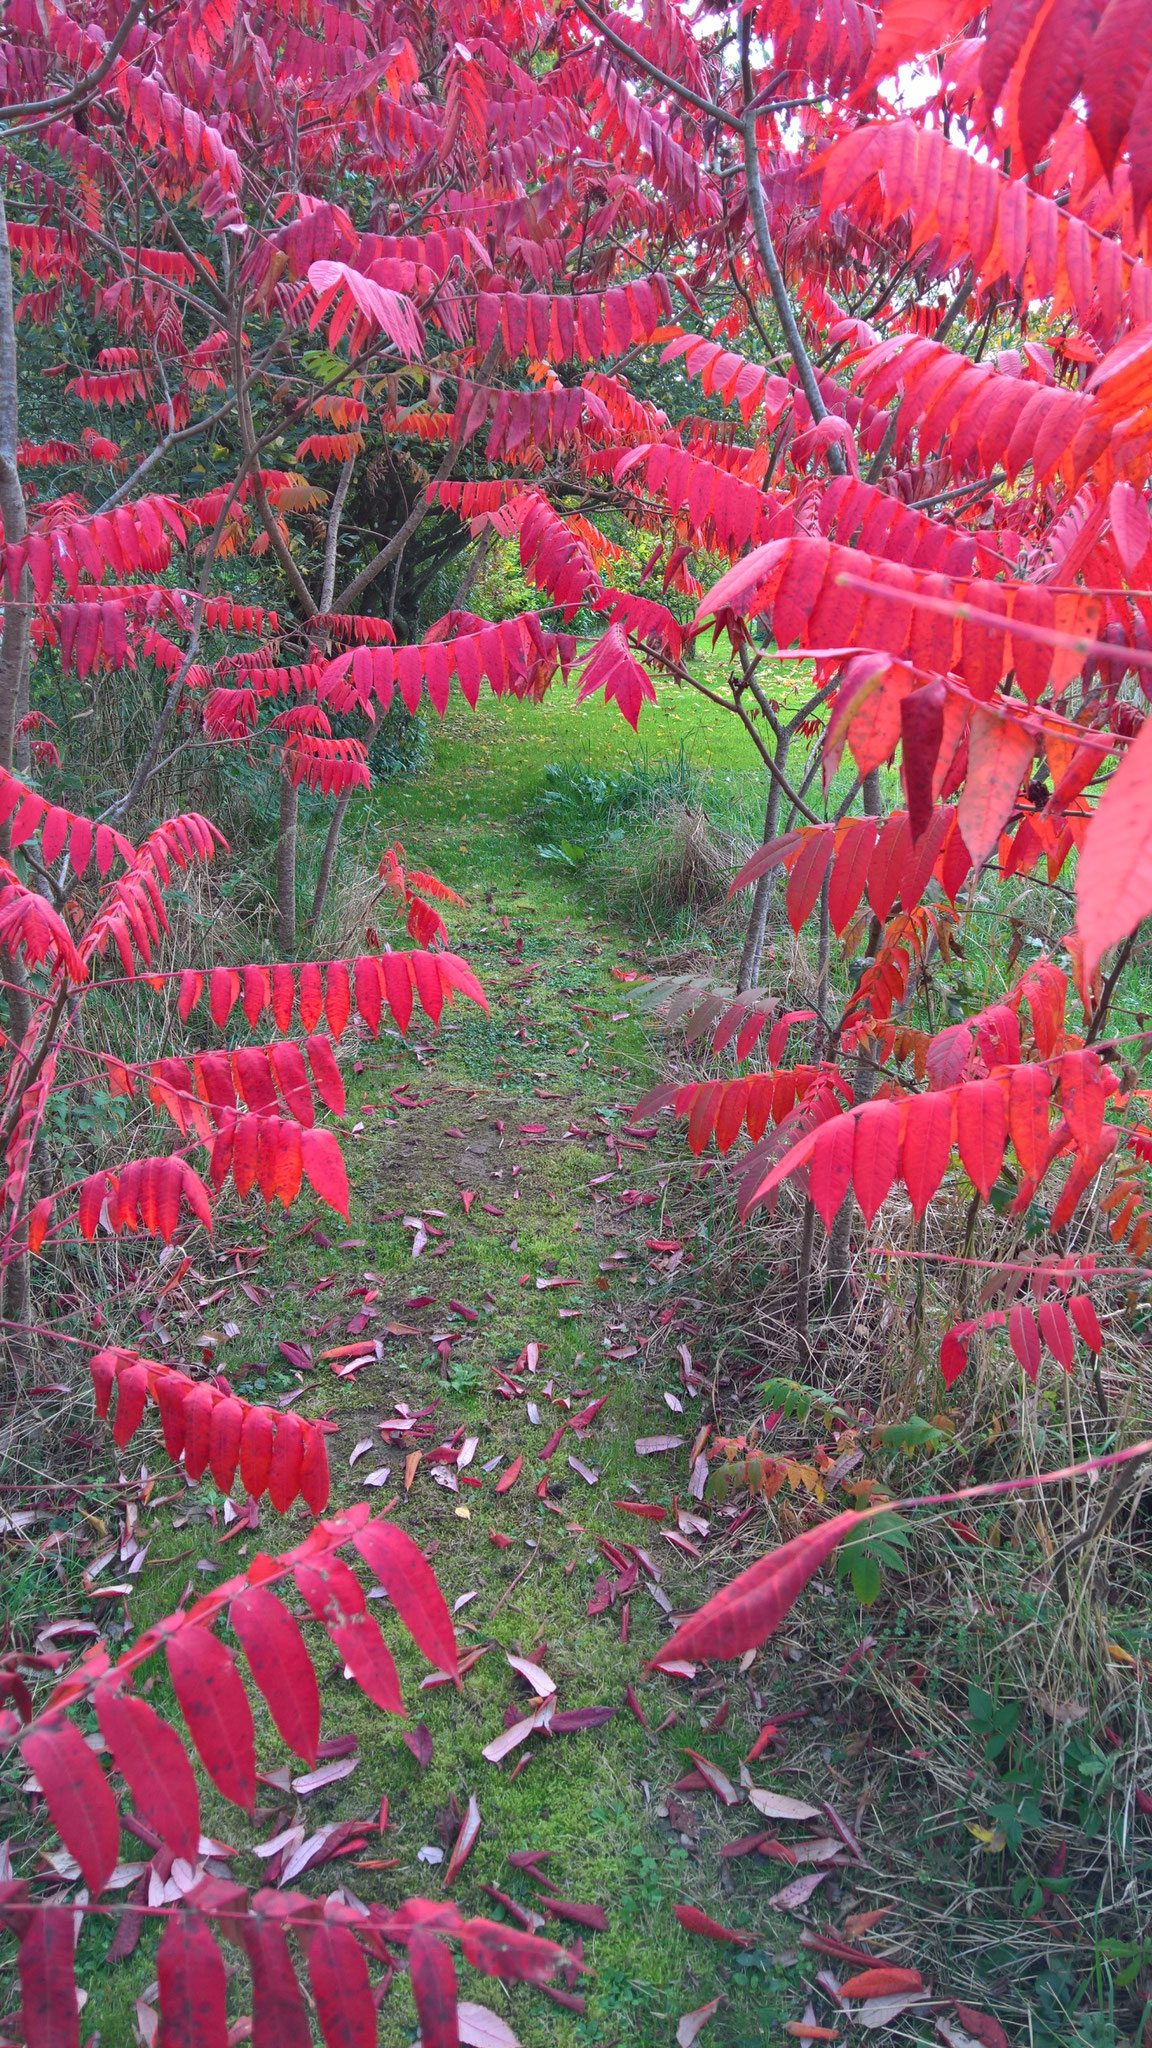 Ein Weg durch rote Blätter